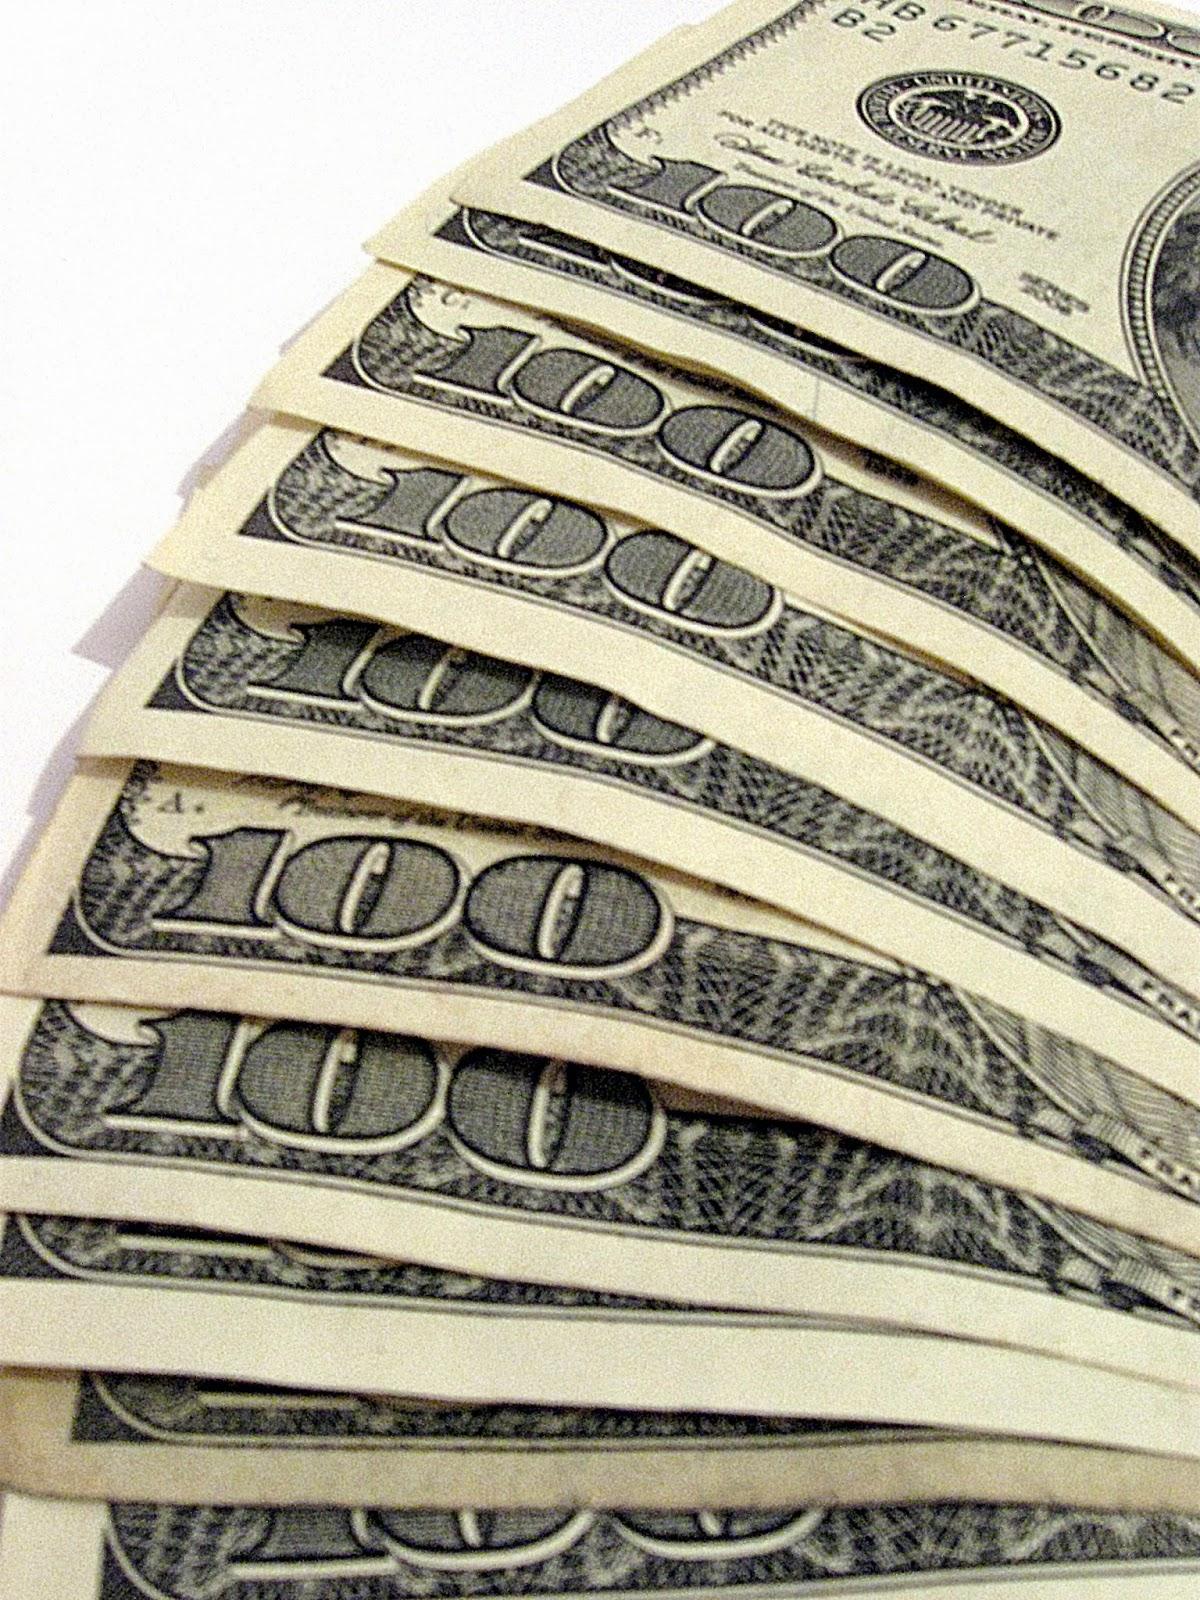 Money, hundred dollar bills